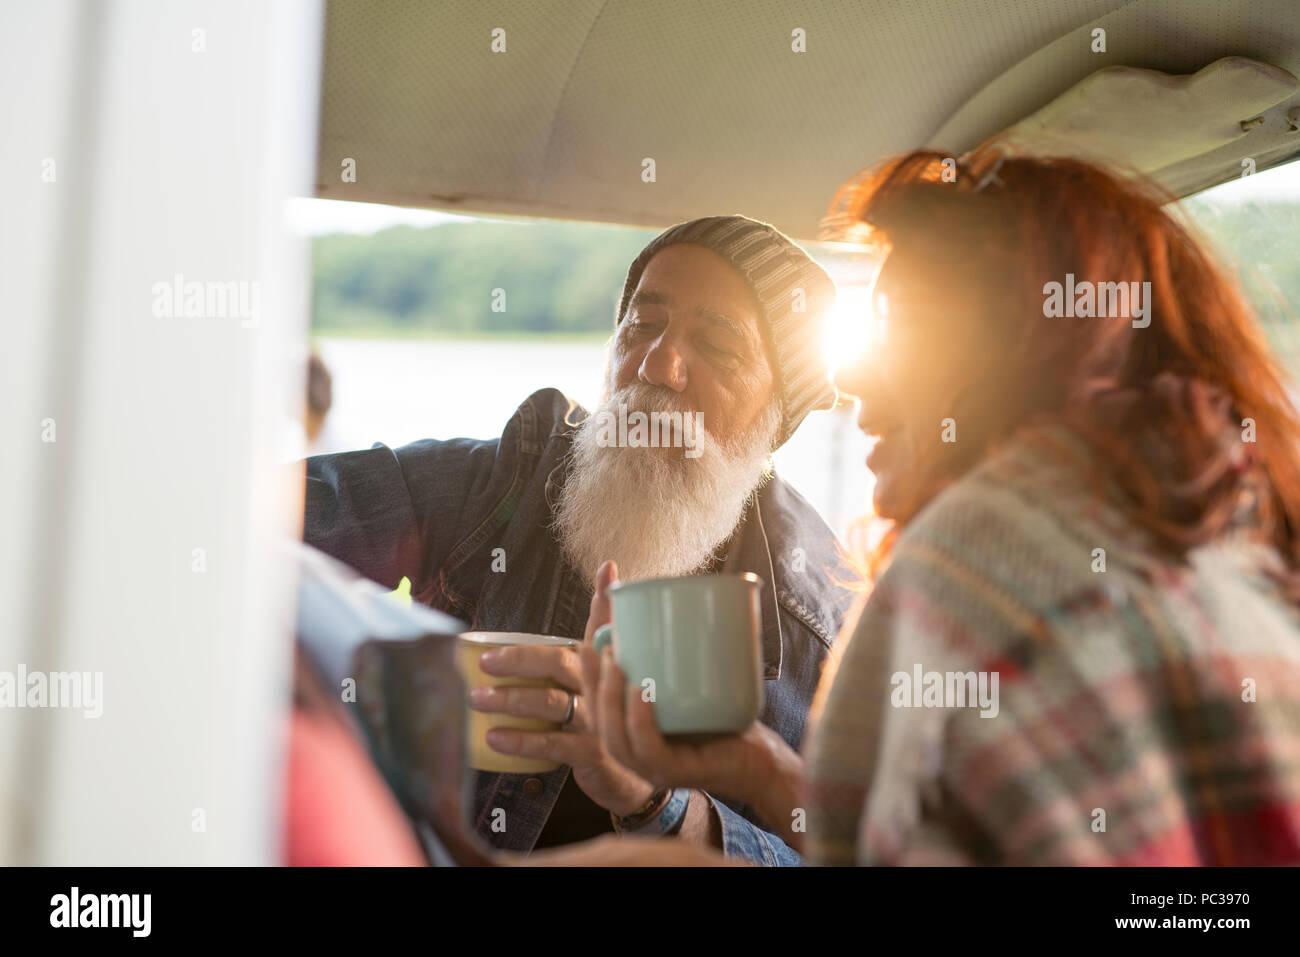 Vieux couple hipster assise dans une voiture et à la recherche à une carte routière Photo Stock